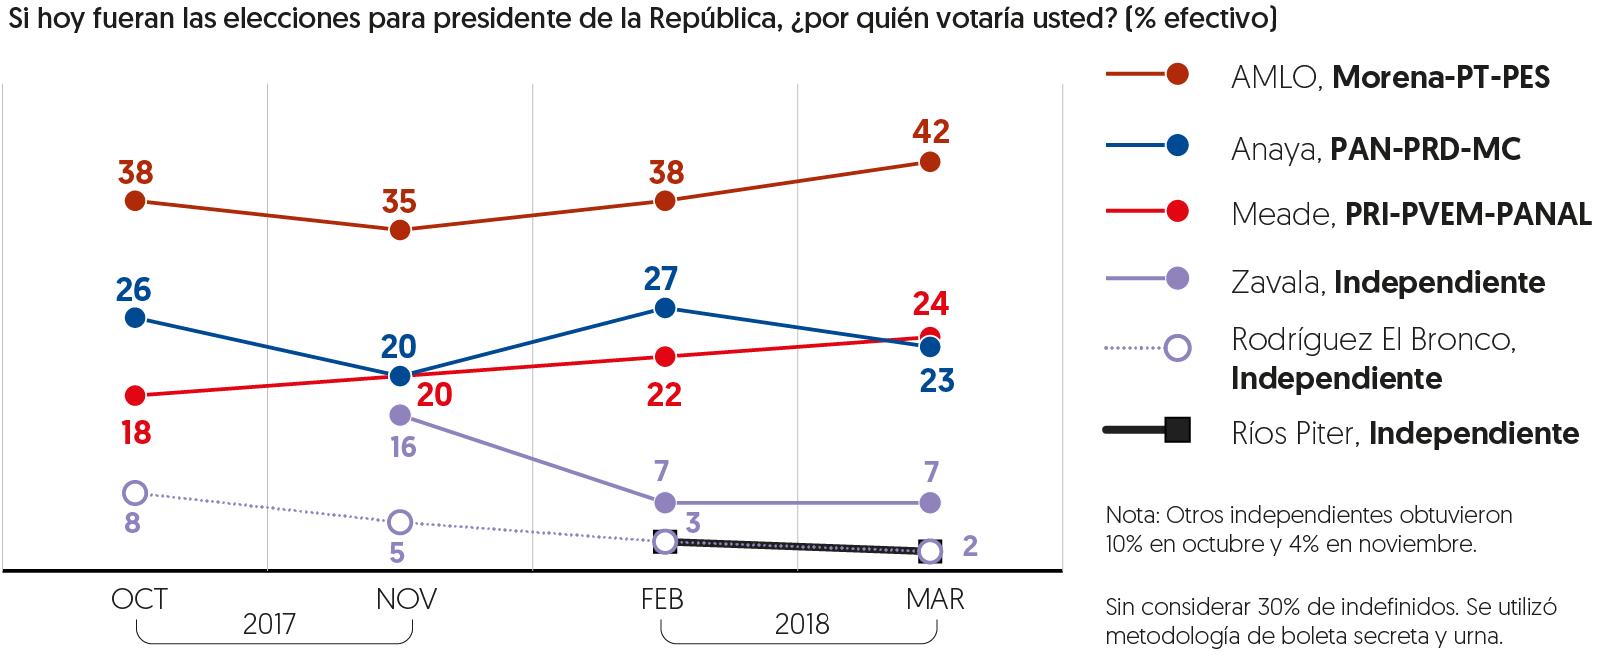 Encuesta de preferencias electorales de El Financiero, publicada el 22 de marzo de 2018.